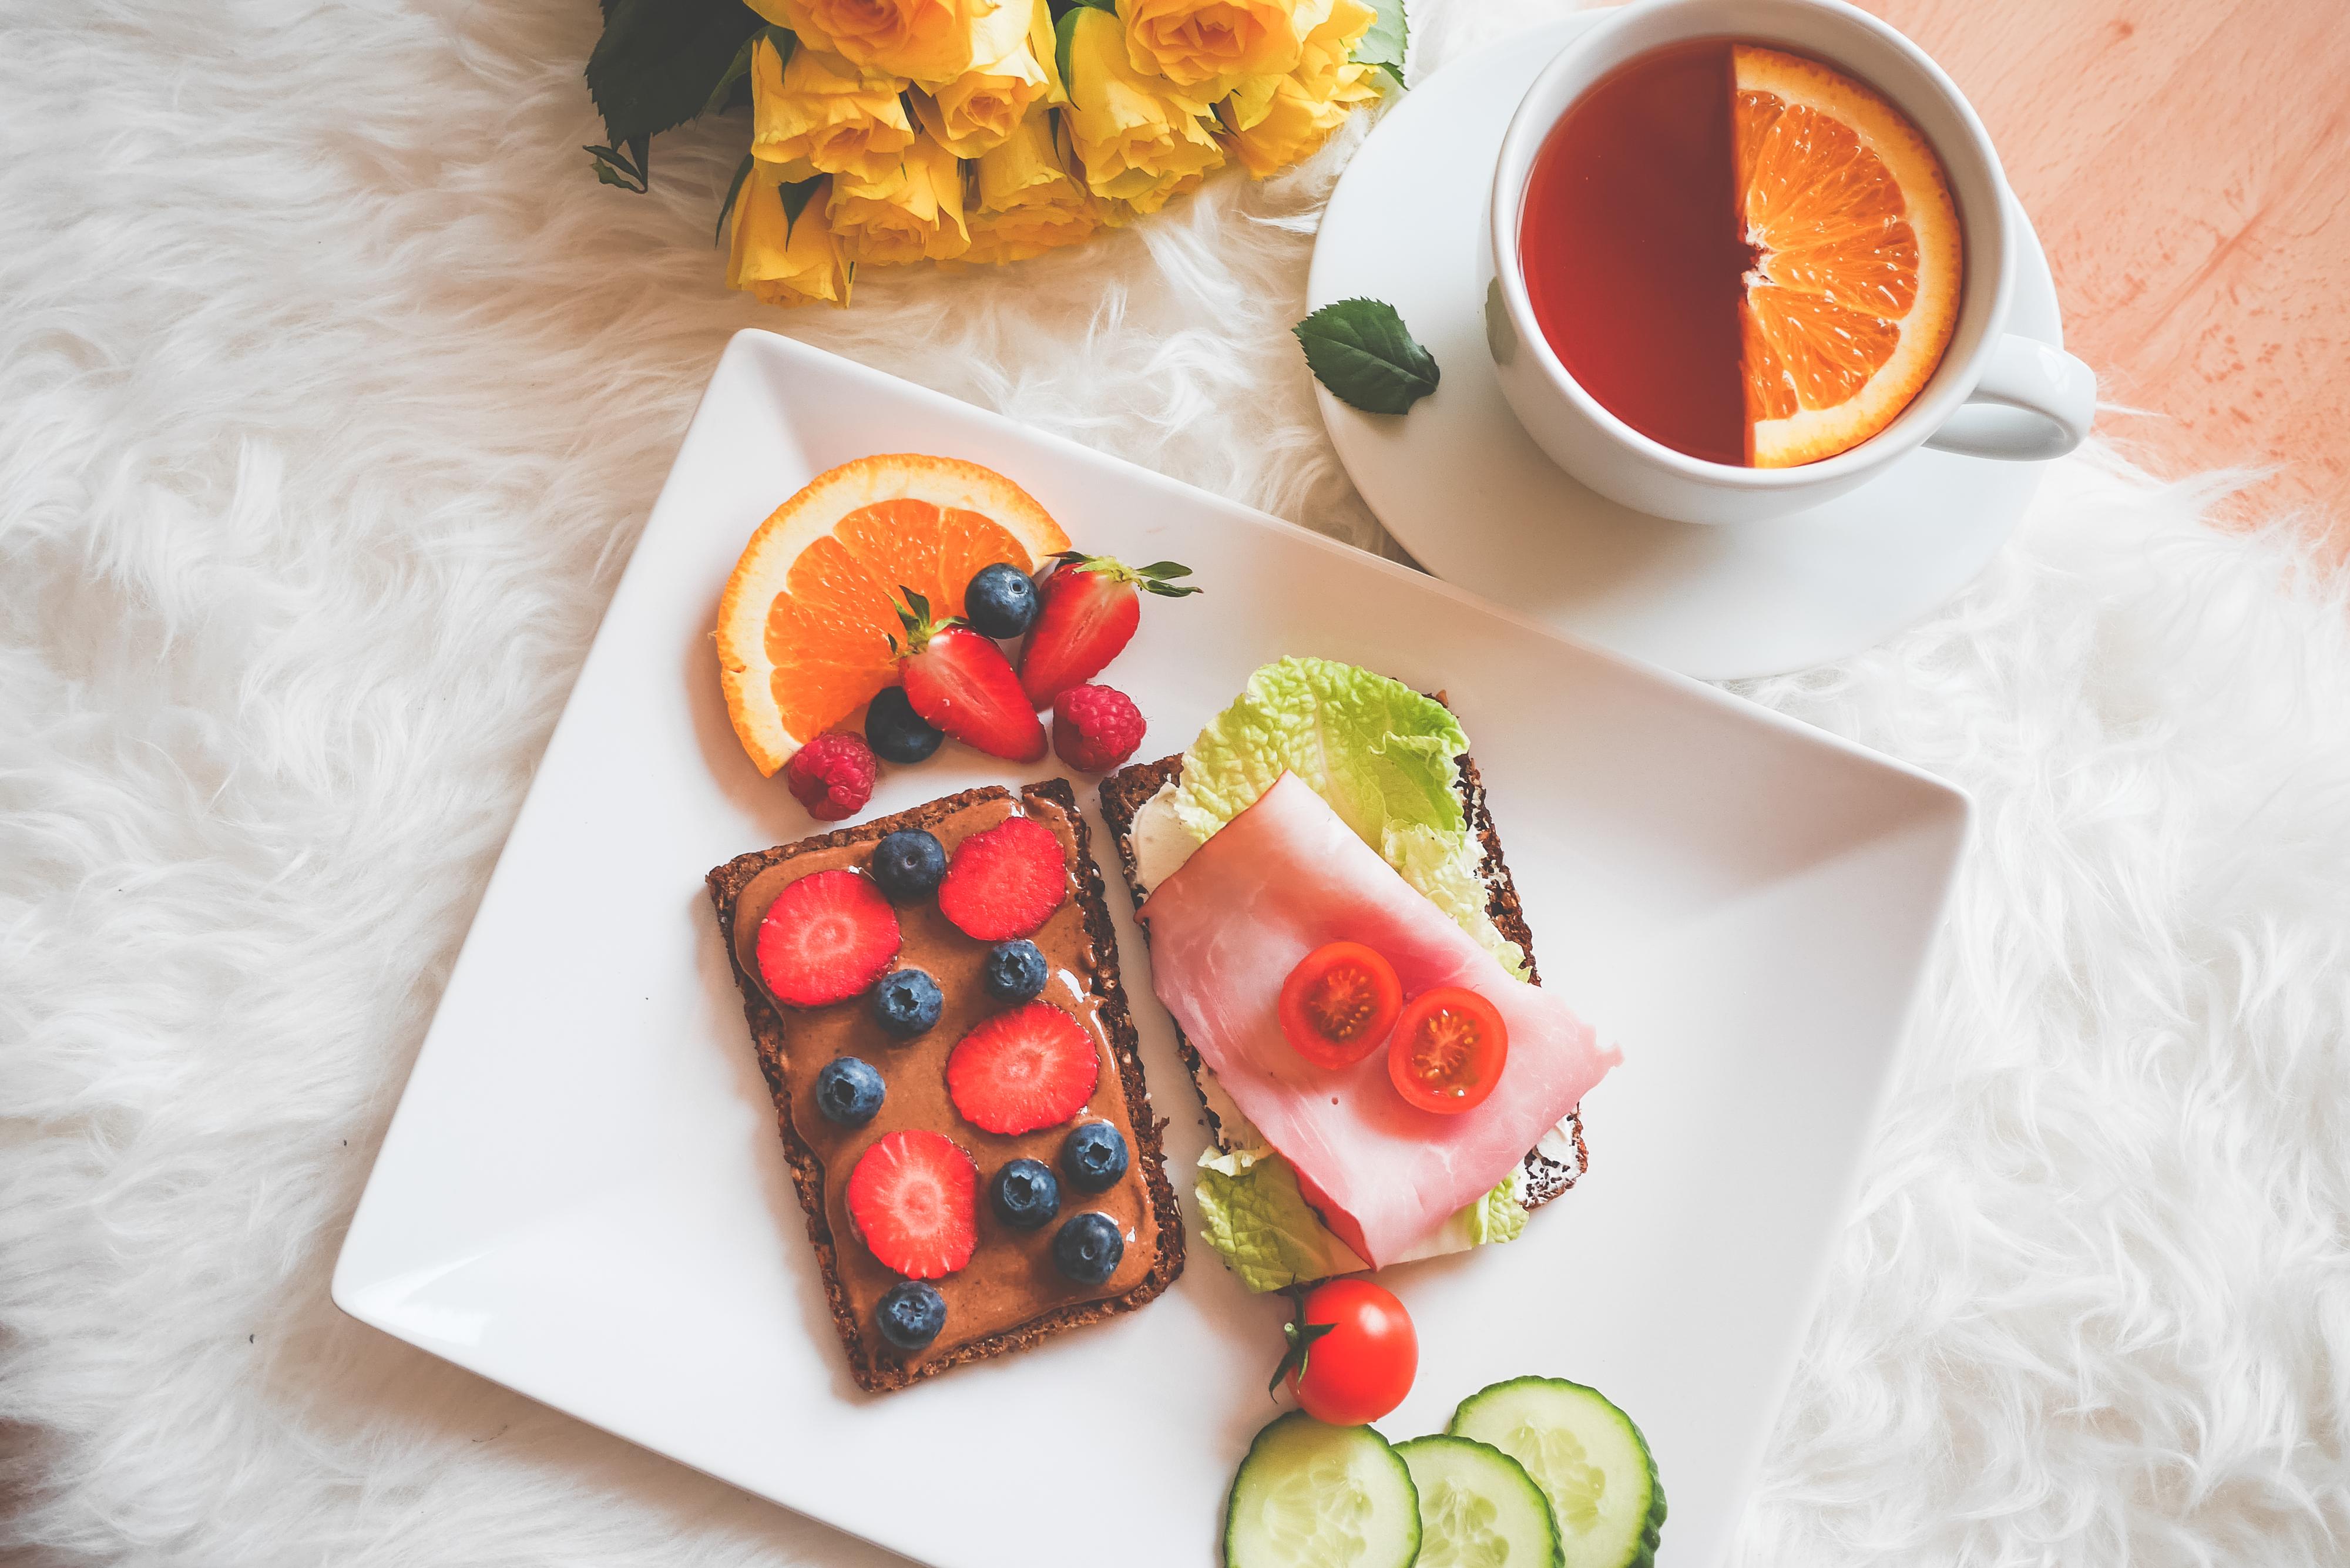 healthy breakfast wallpaper 4k background